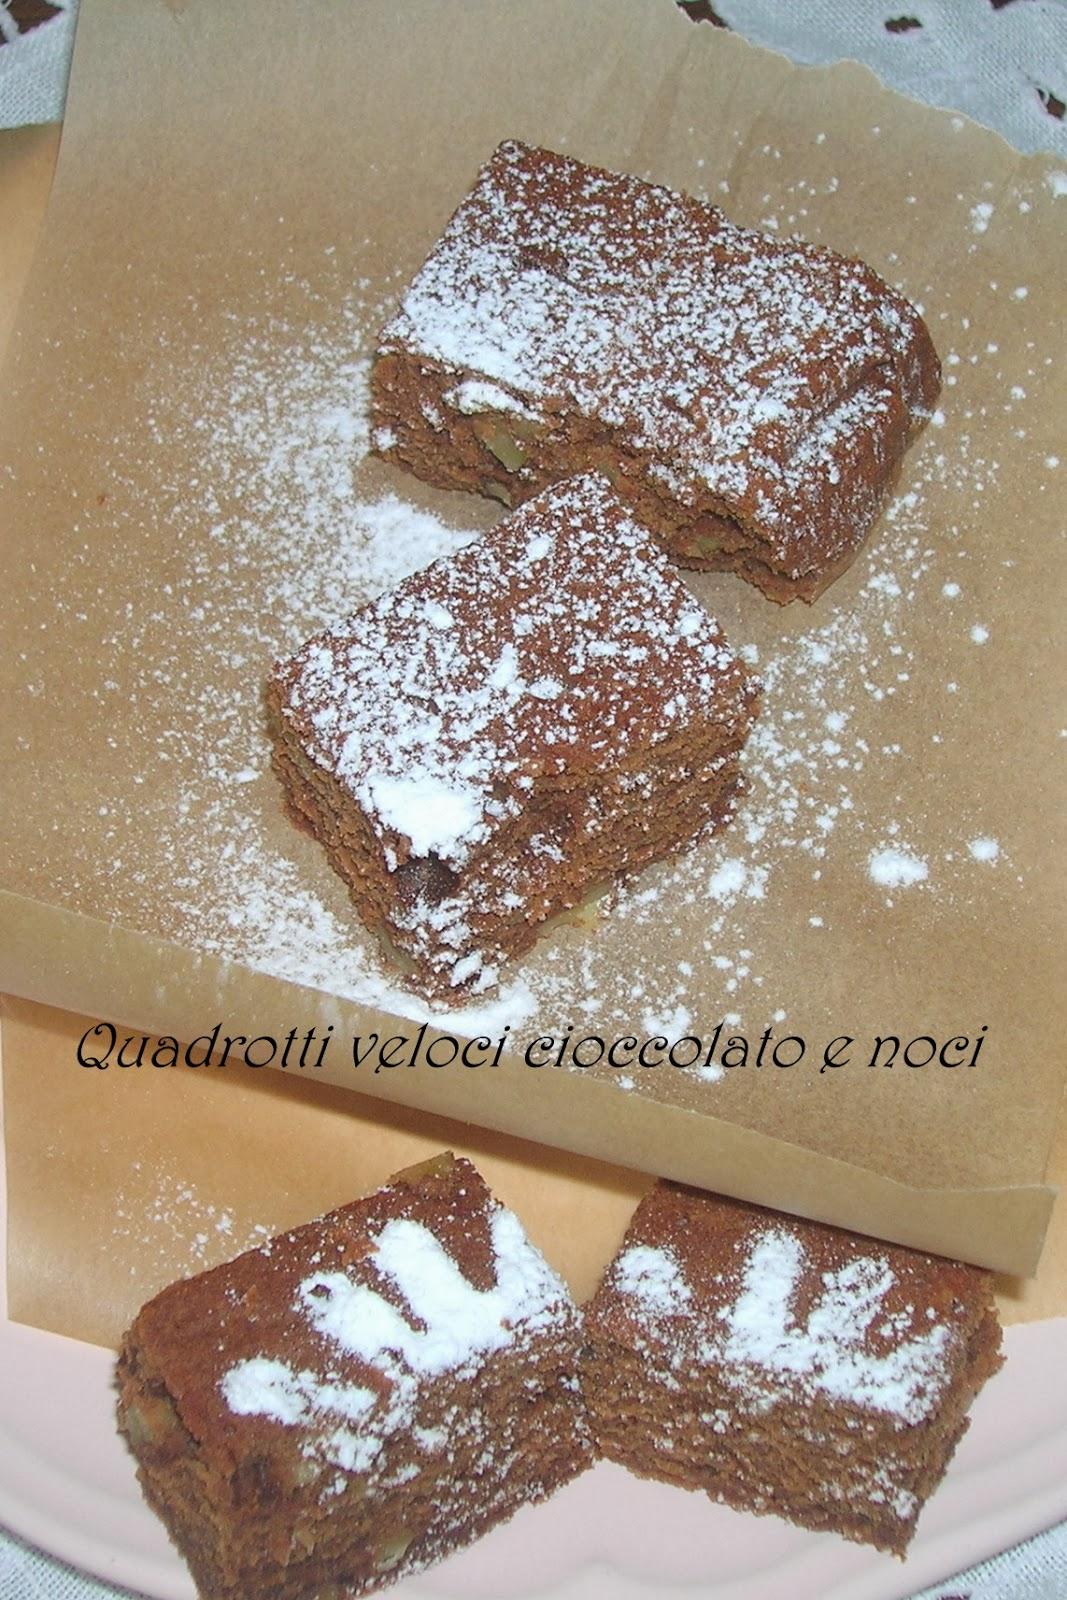 i quadrotti veloci al cioccolato e alle noci e facciamo finta!